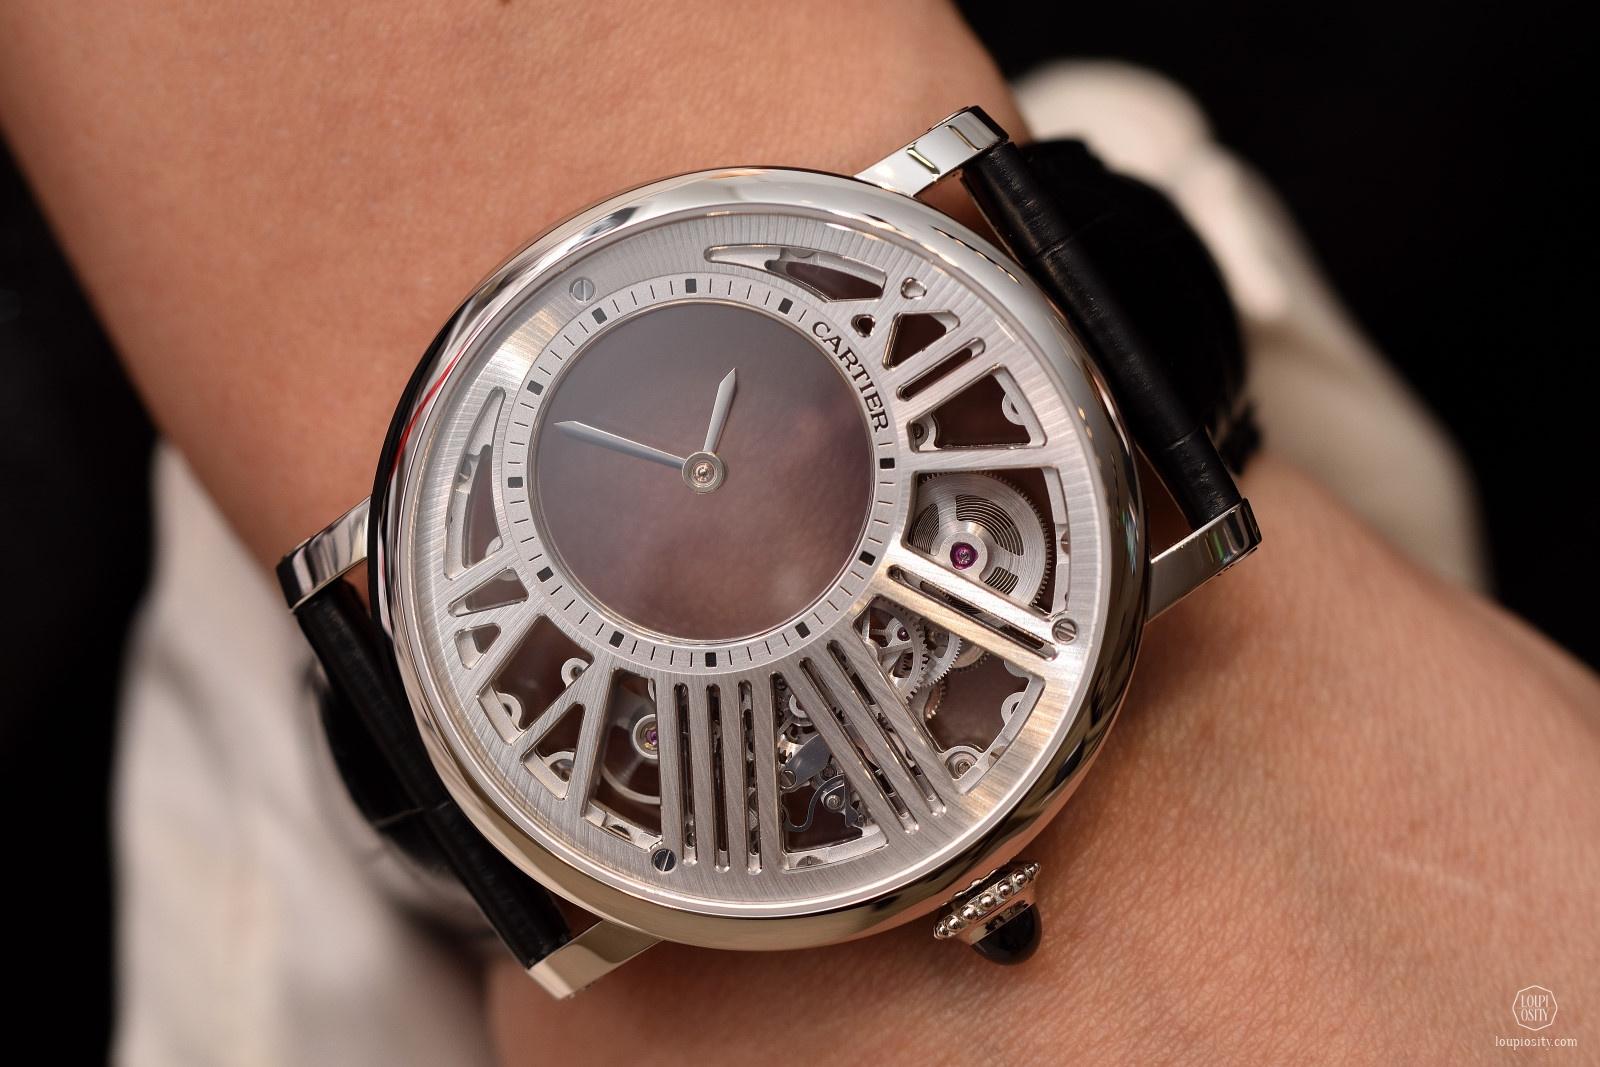 Rotonde De Cartier Skeleton Mysterious Hour